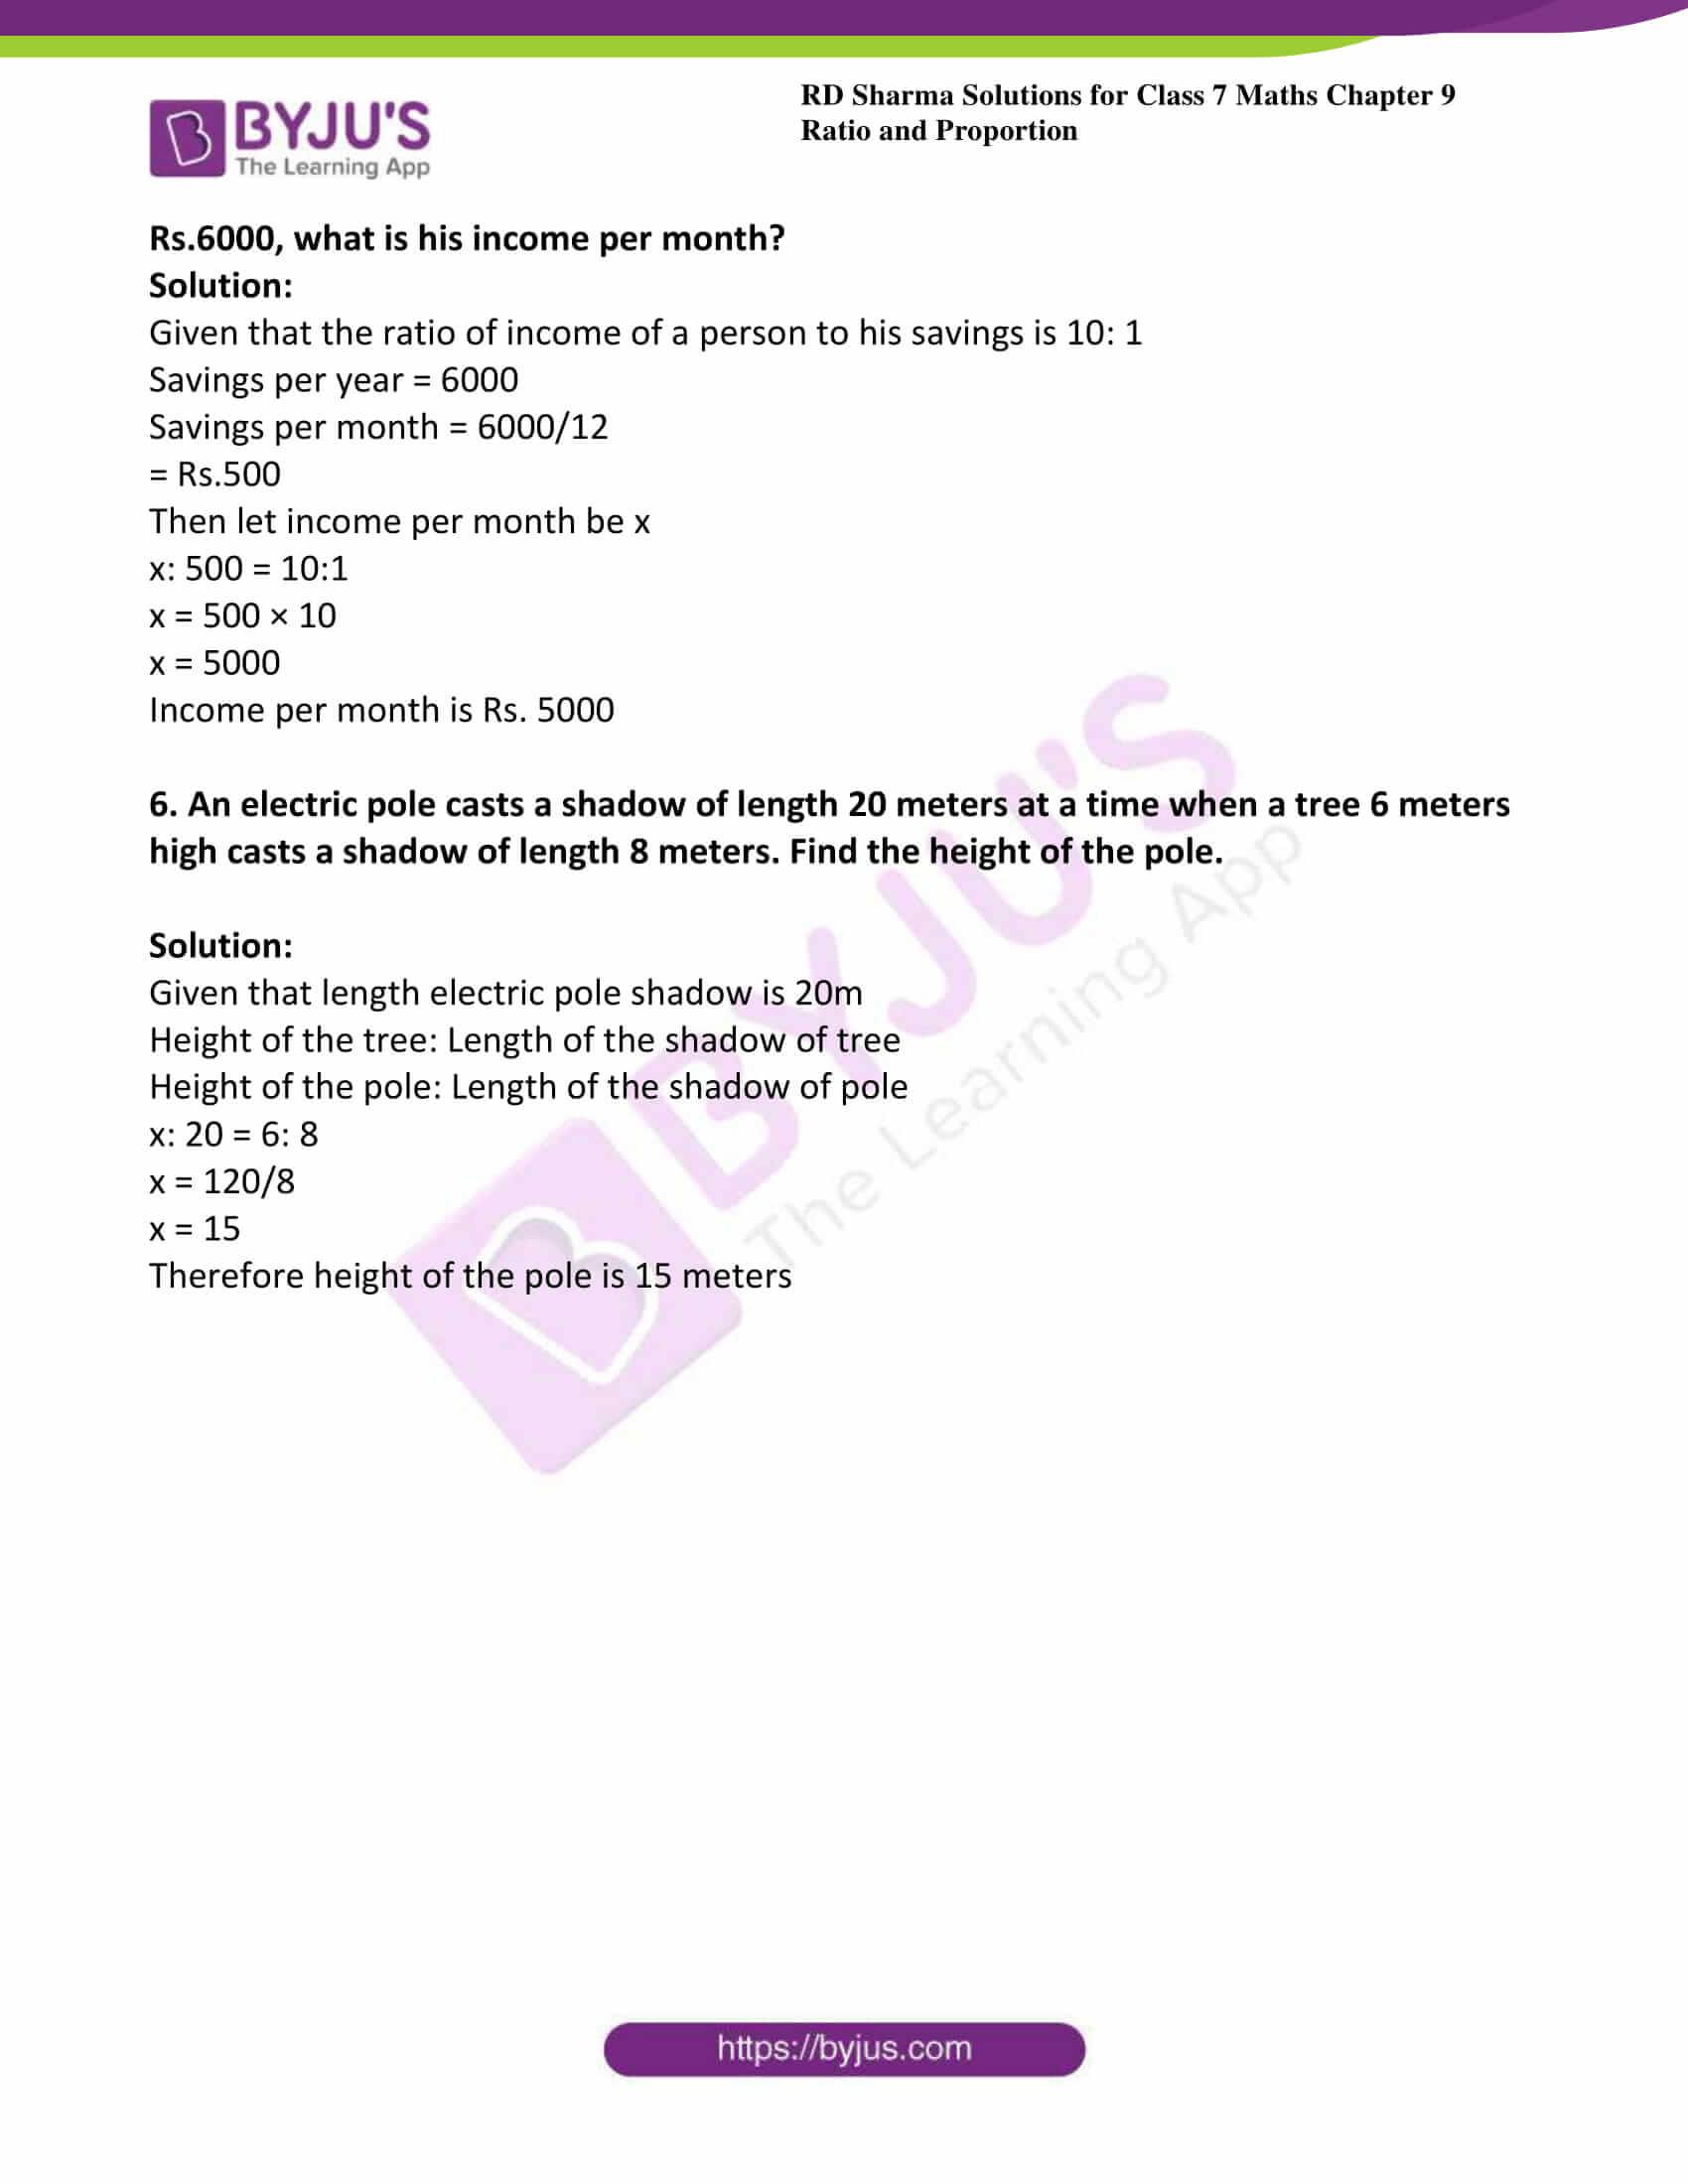 rd sharma class 7 maths solution chapter 9 ex 3